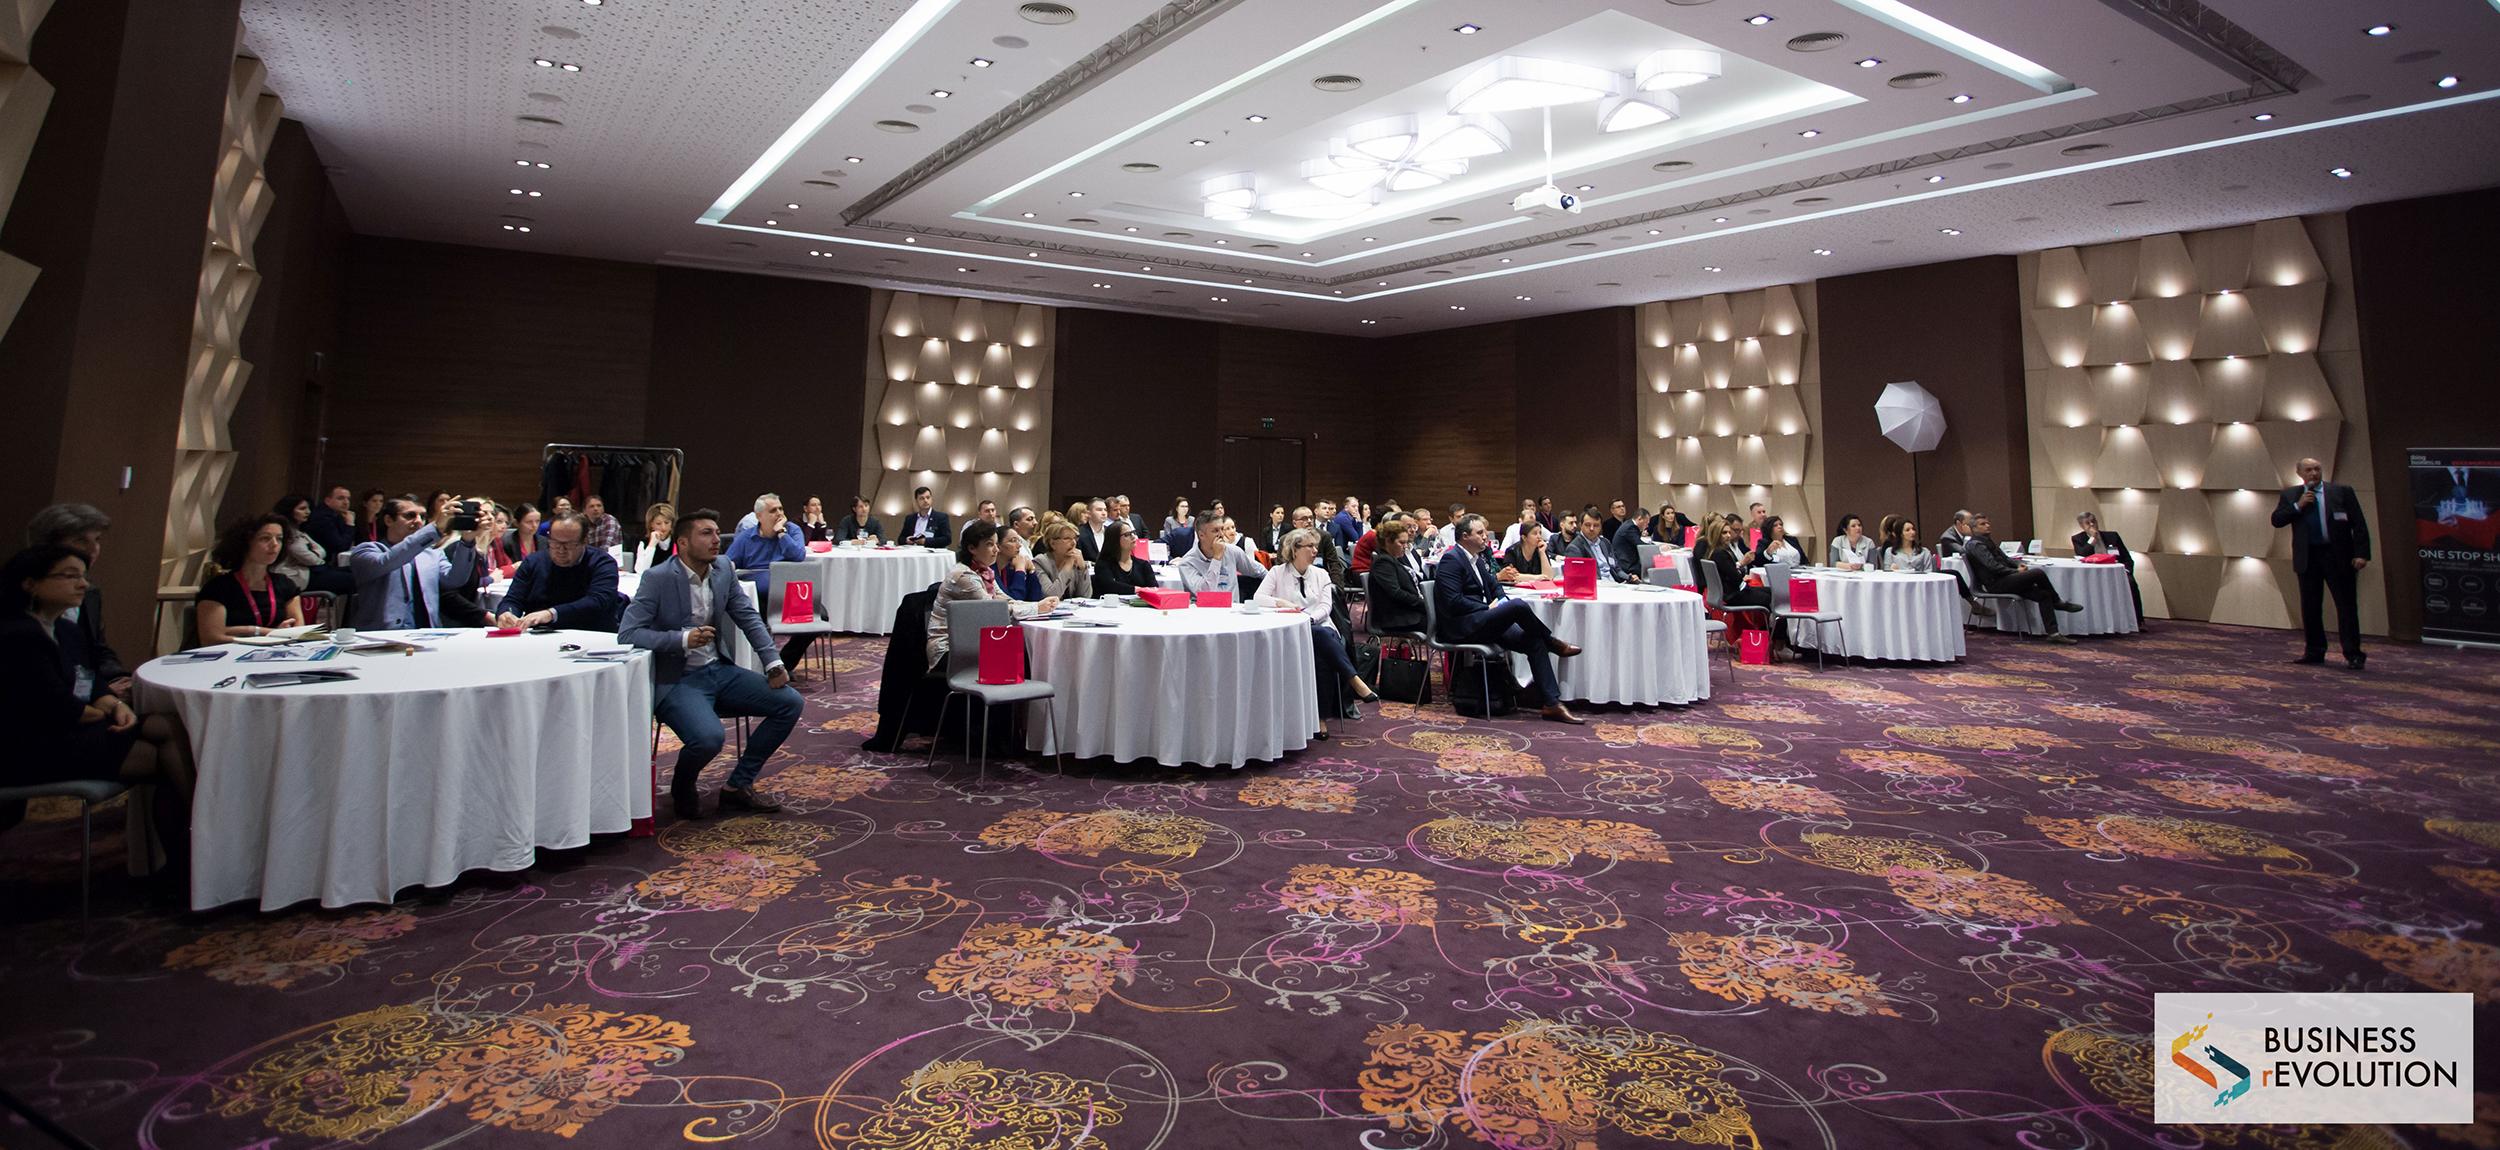 rEvoluția digitală agită apele și la Craiova - rEvoluția digitală agită apele și la Craiova